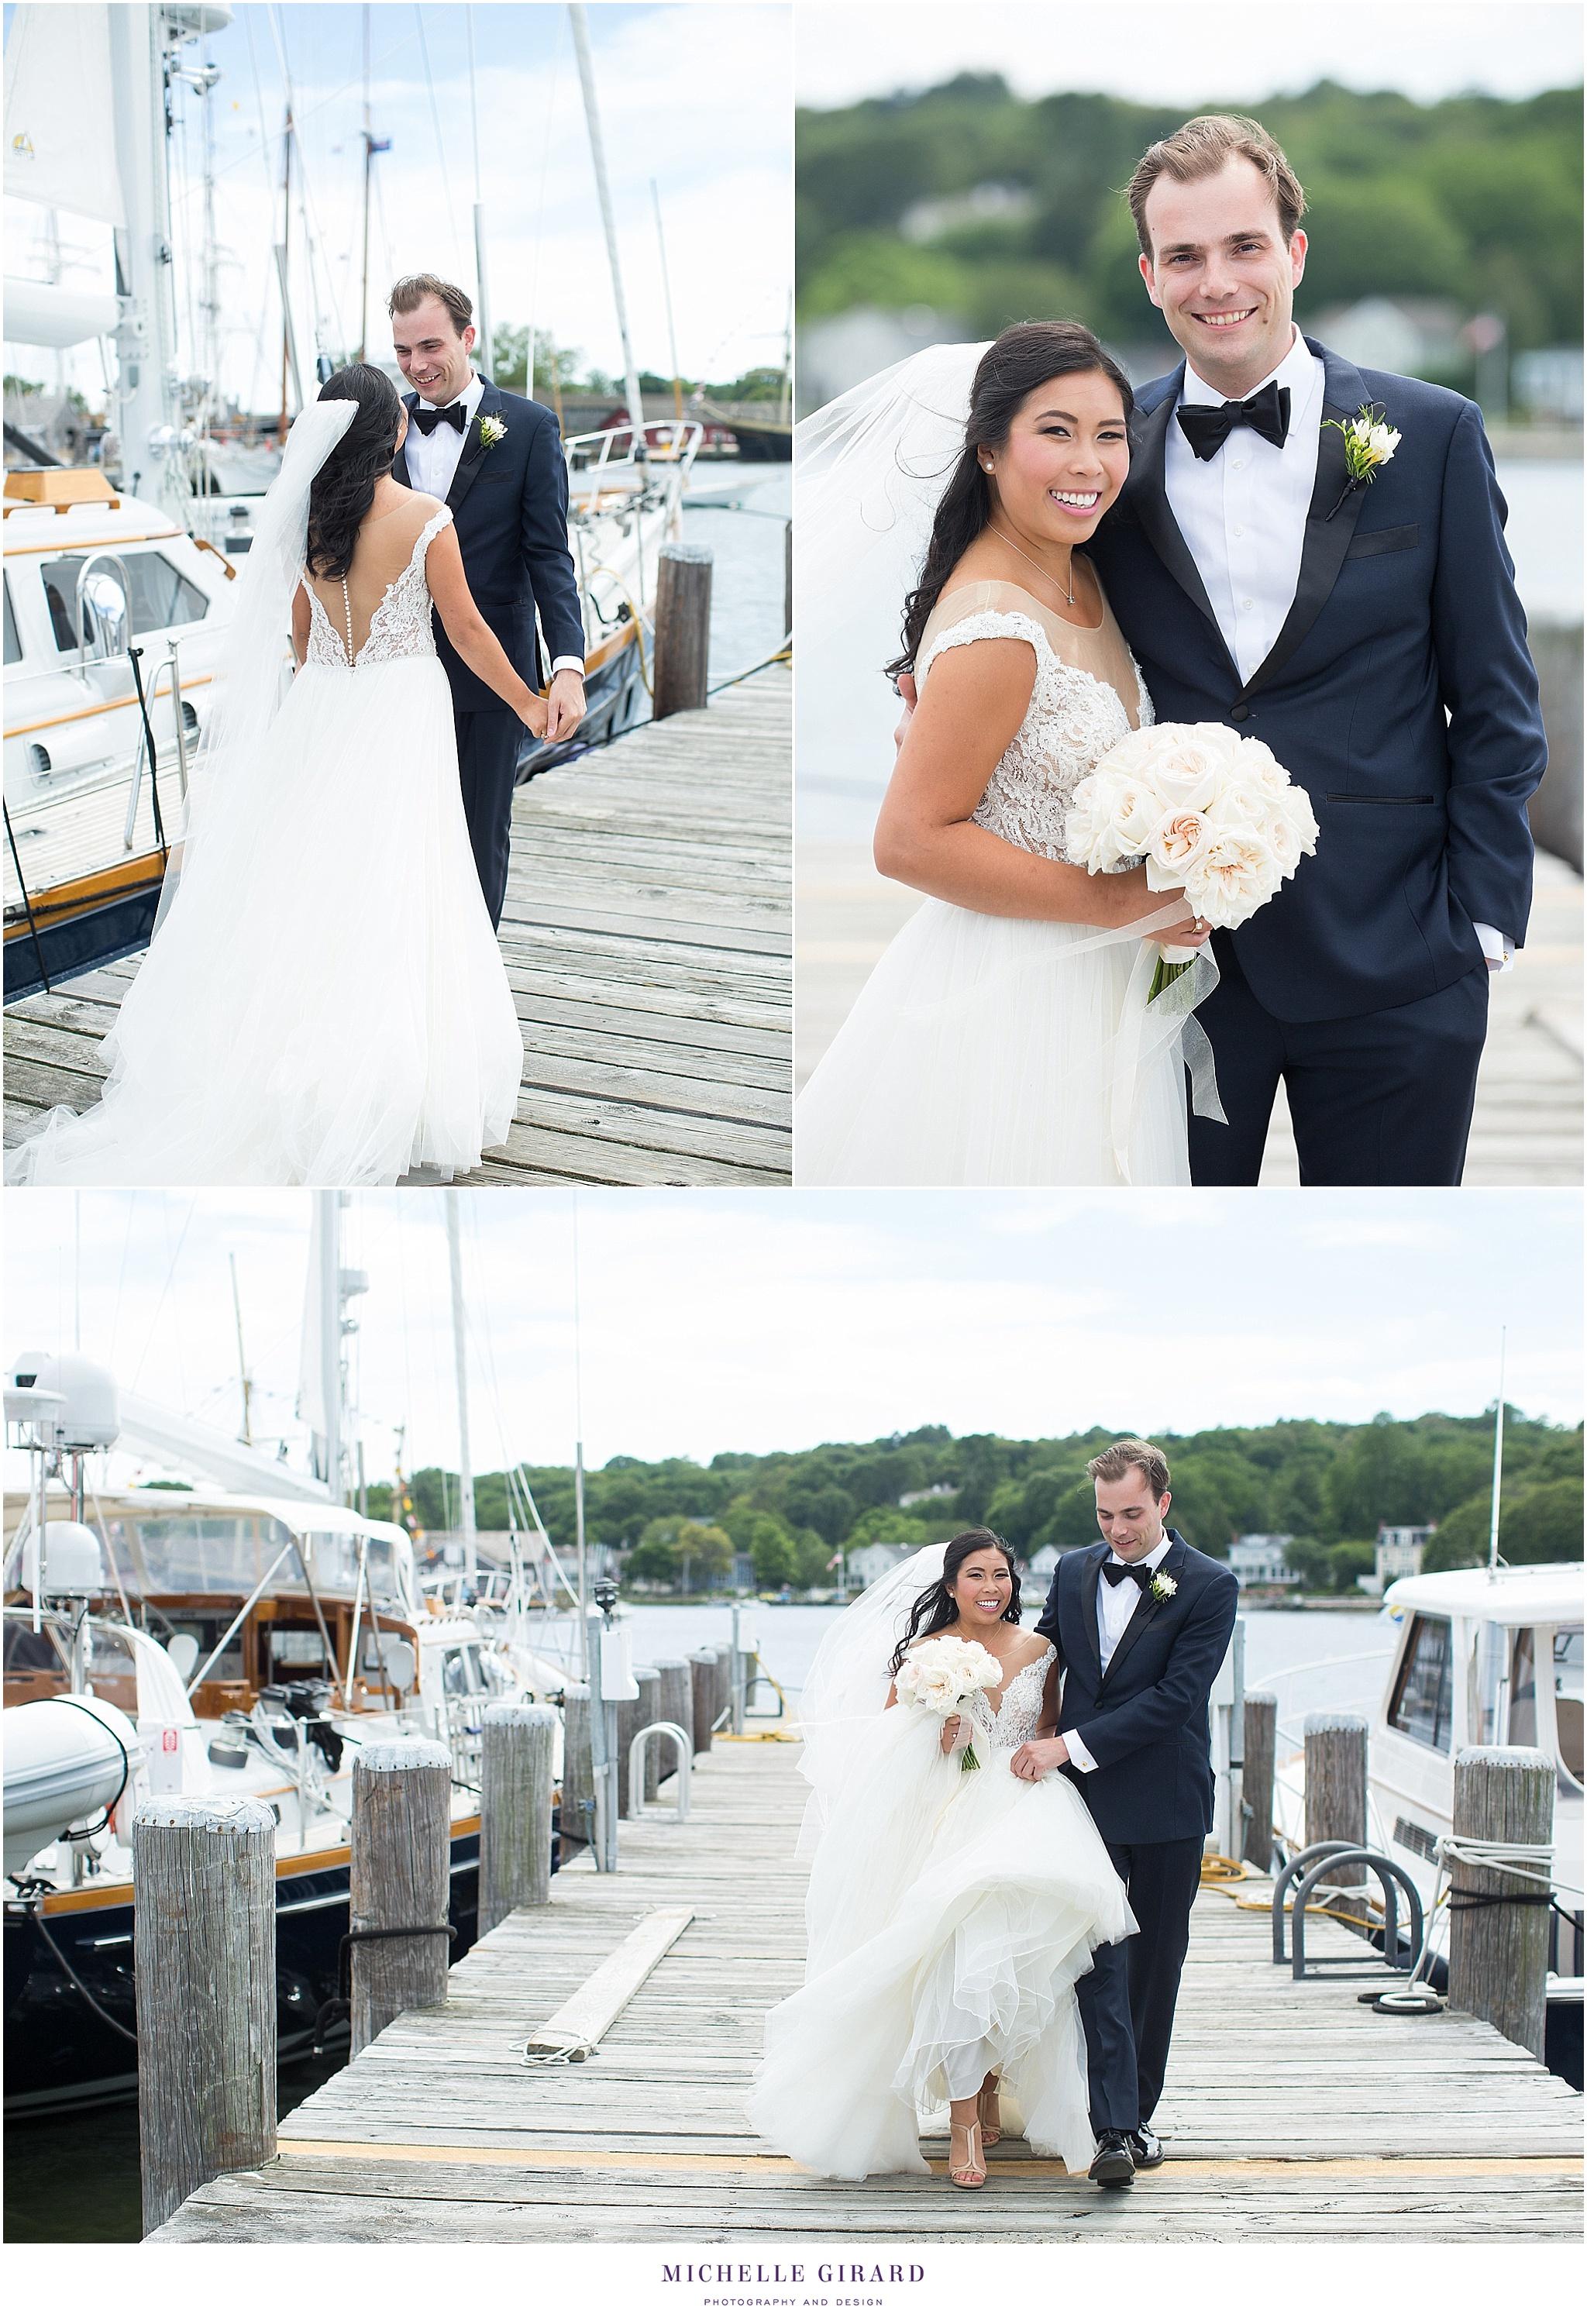 MysticSeaportWedding_Latitude41ShipyardTavern_CoastalGourmet_MichelleGirardPhotography015.jpg